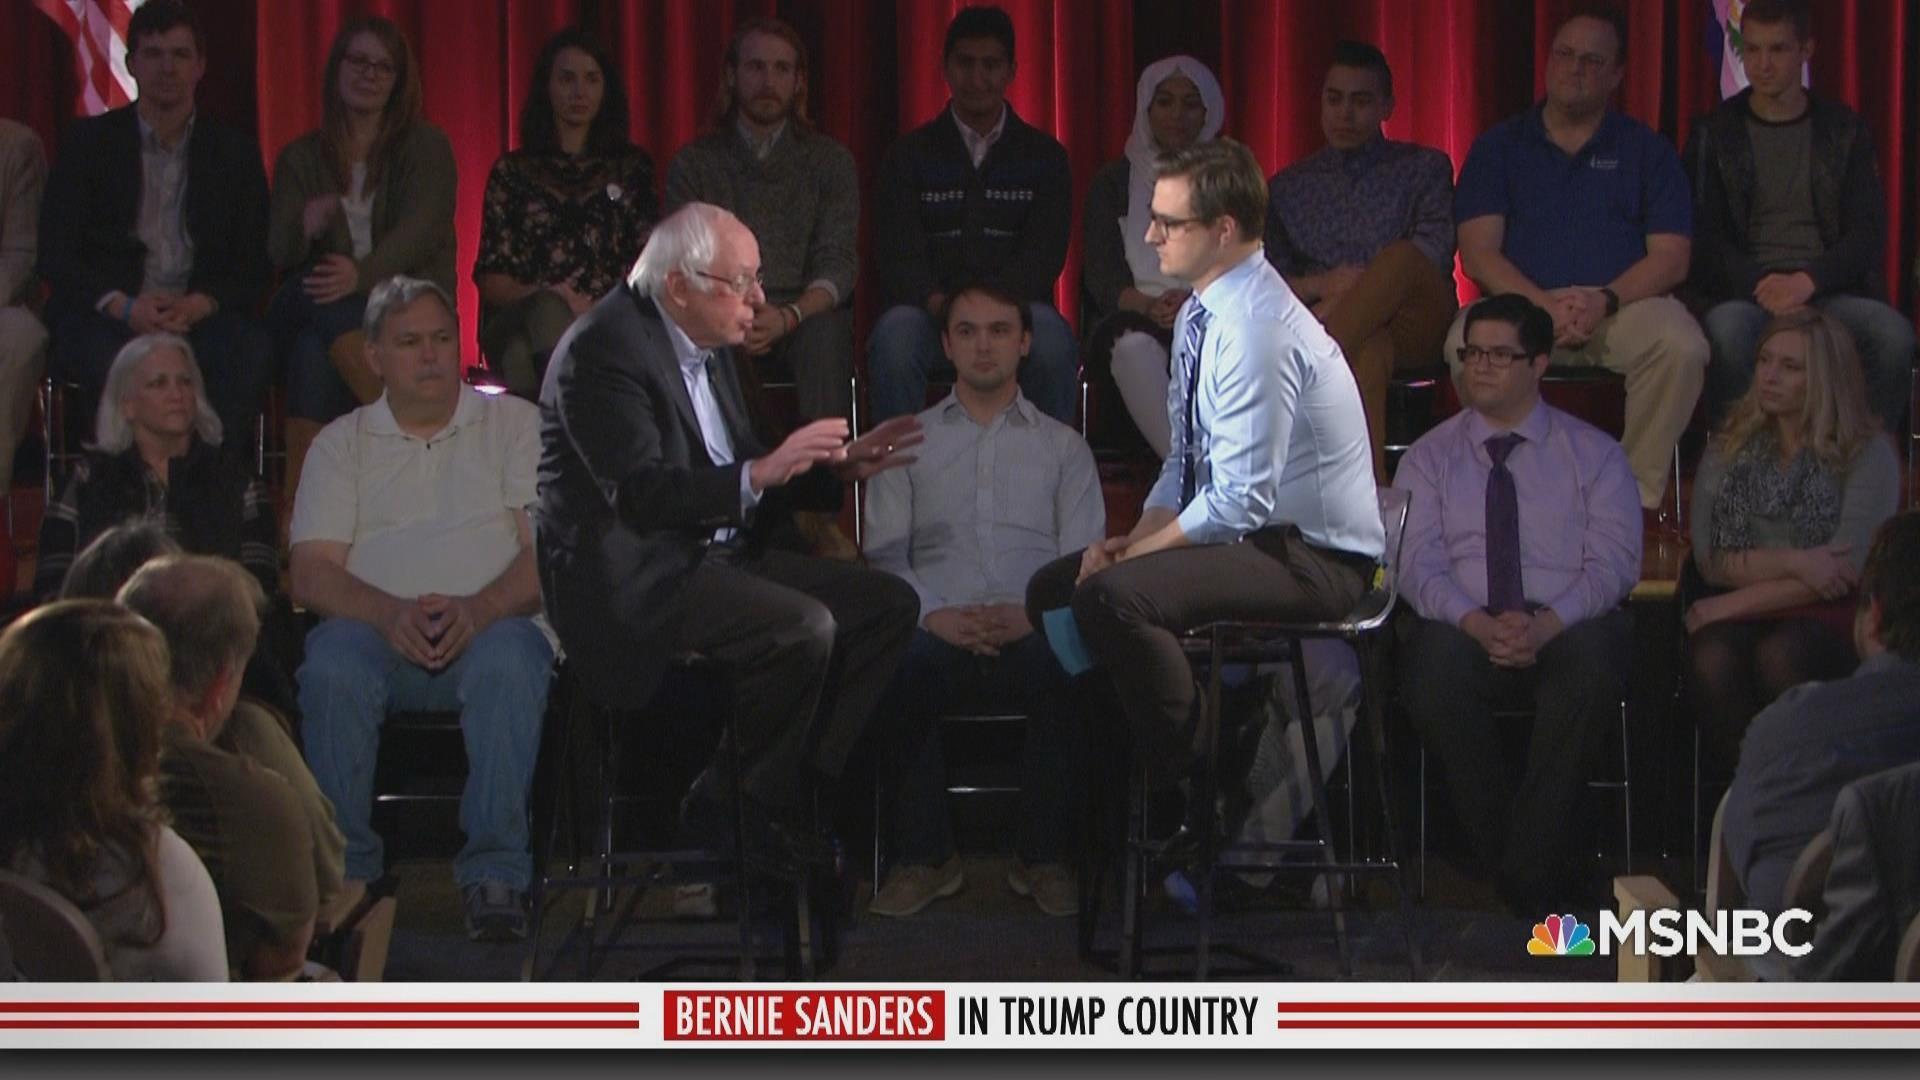 Bernie Sanders in Trump Country